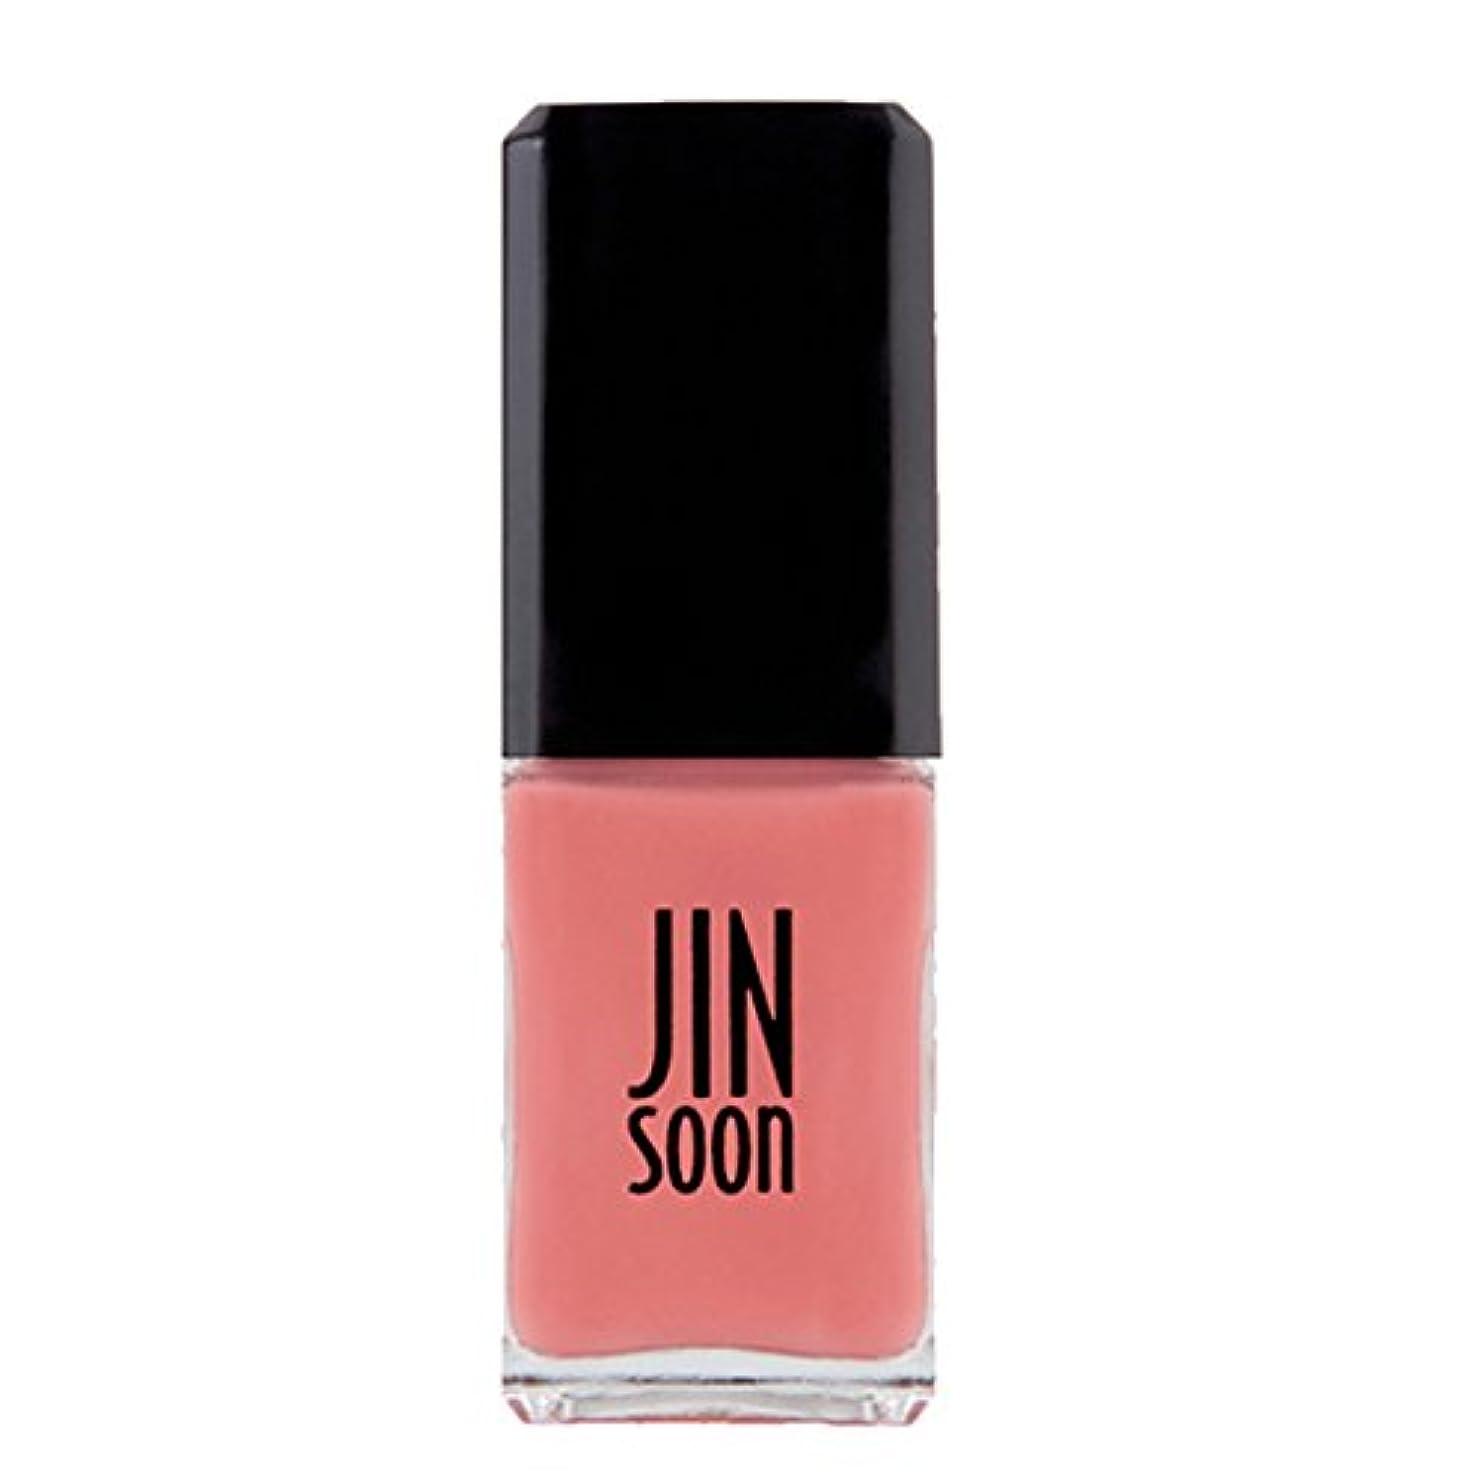 れんが四回突然[ジンスーン] [ jinsoon] ティーローズ(ライト コーラル)TEA ROSE ジンスーン 5フリー ネイルポリッシュ ピンク 11mL